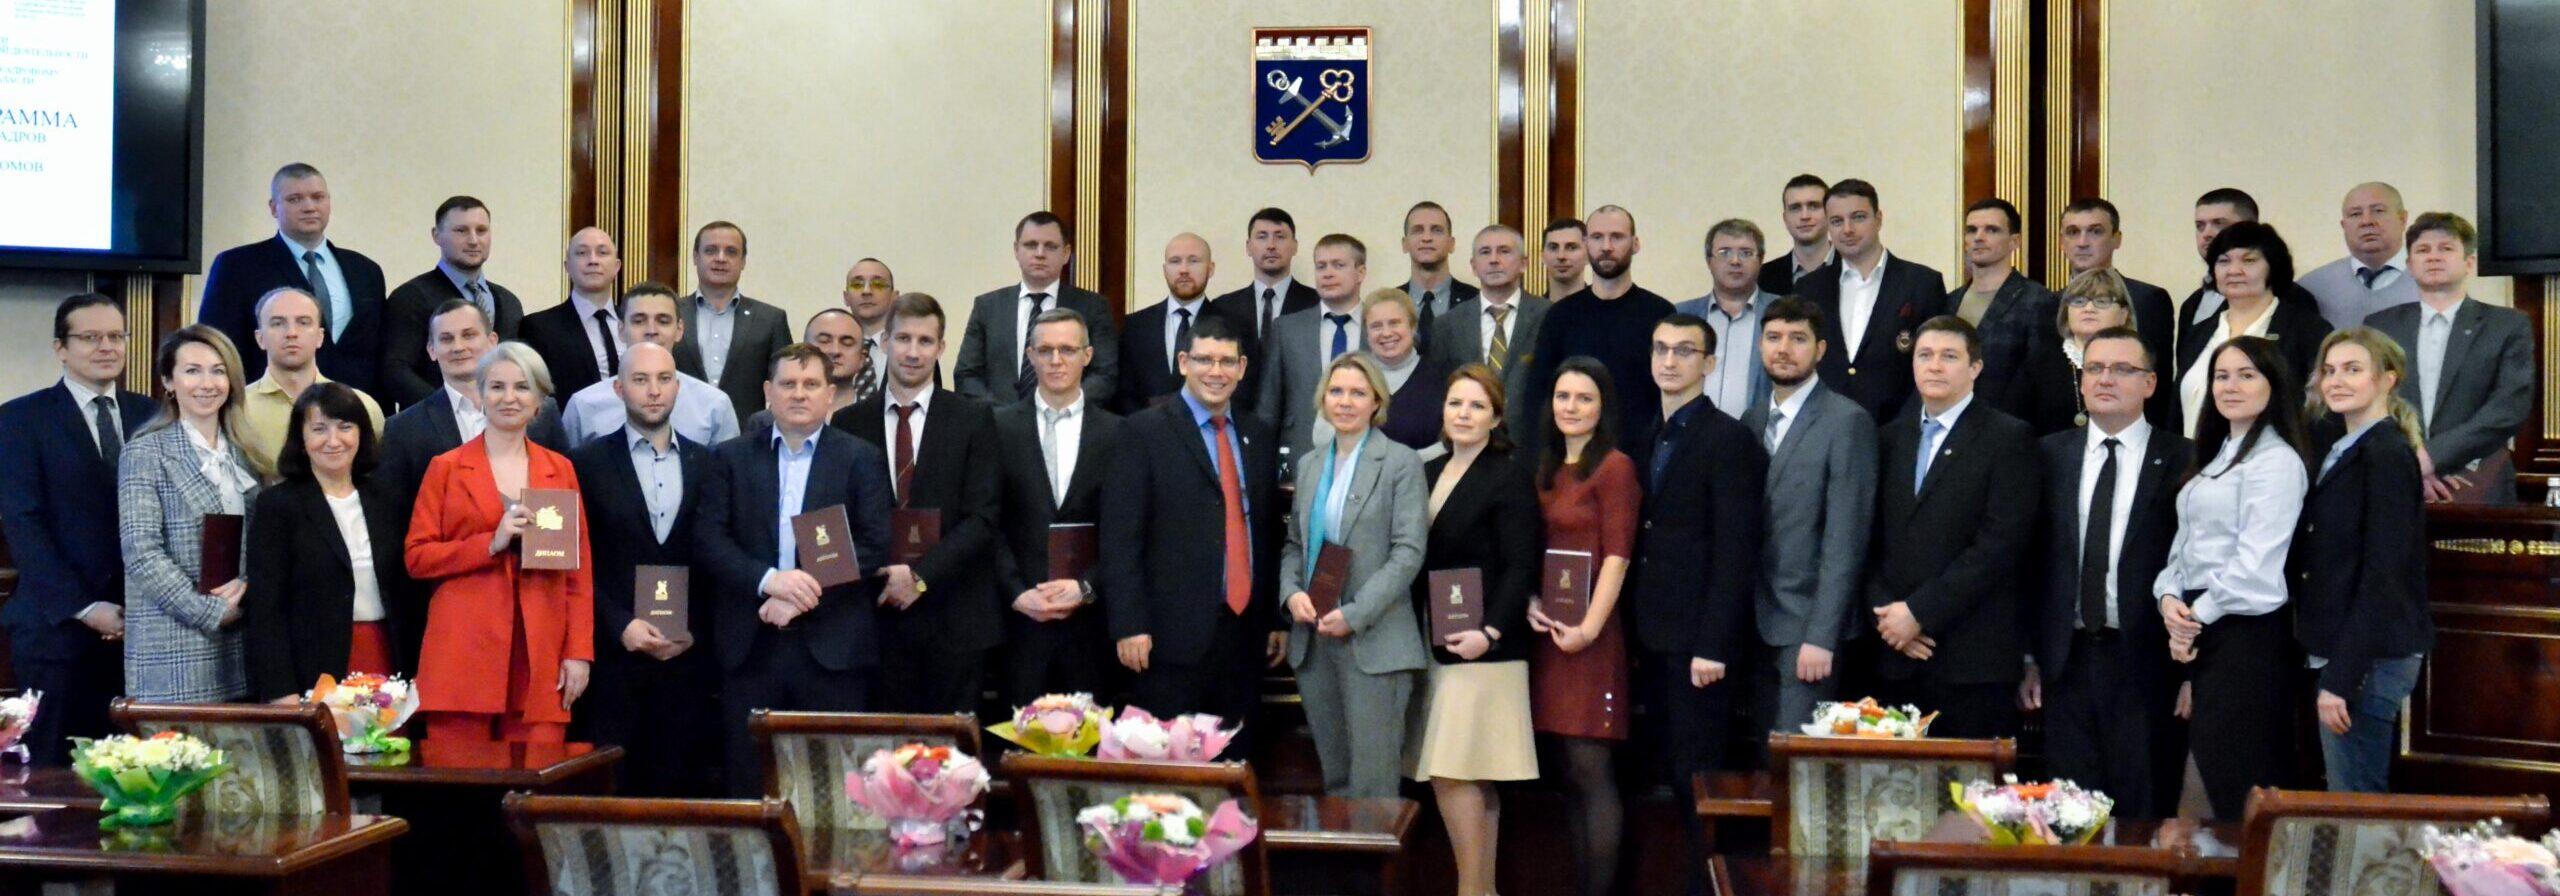 Вручение дипломов по Президентской программе: 41 выпускник из Ленинградской области